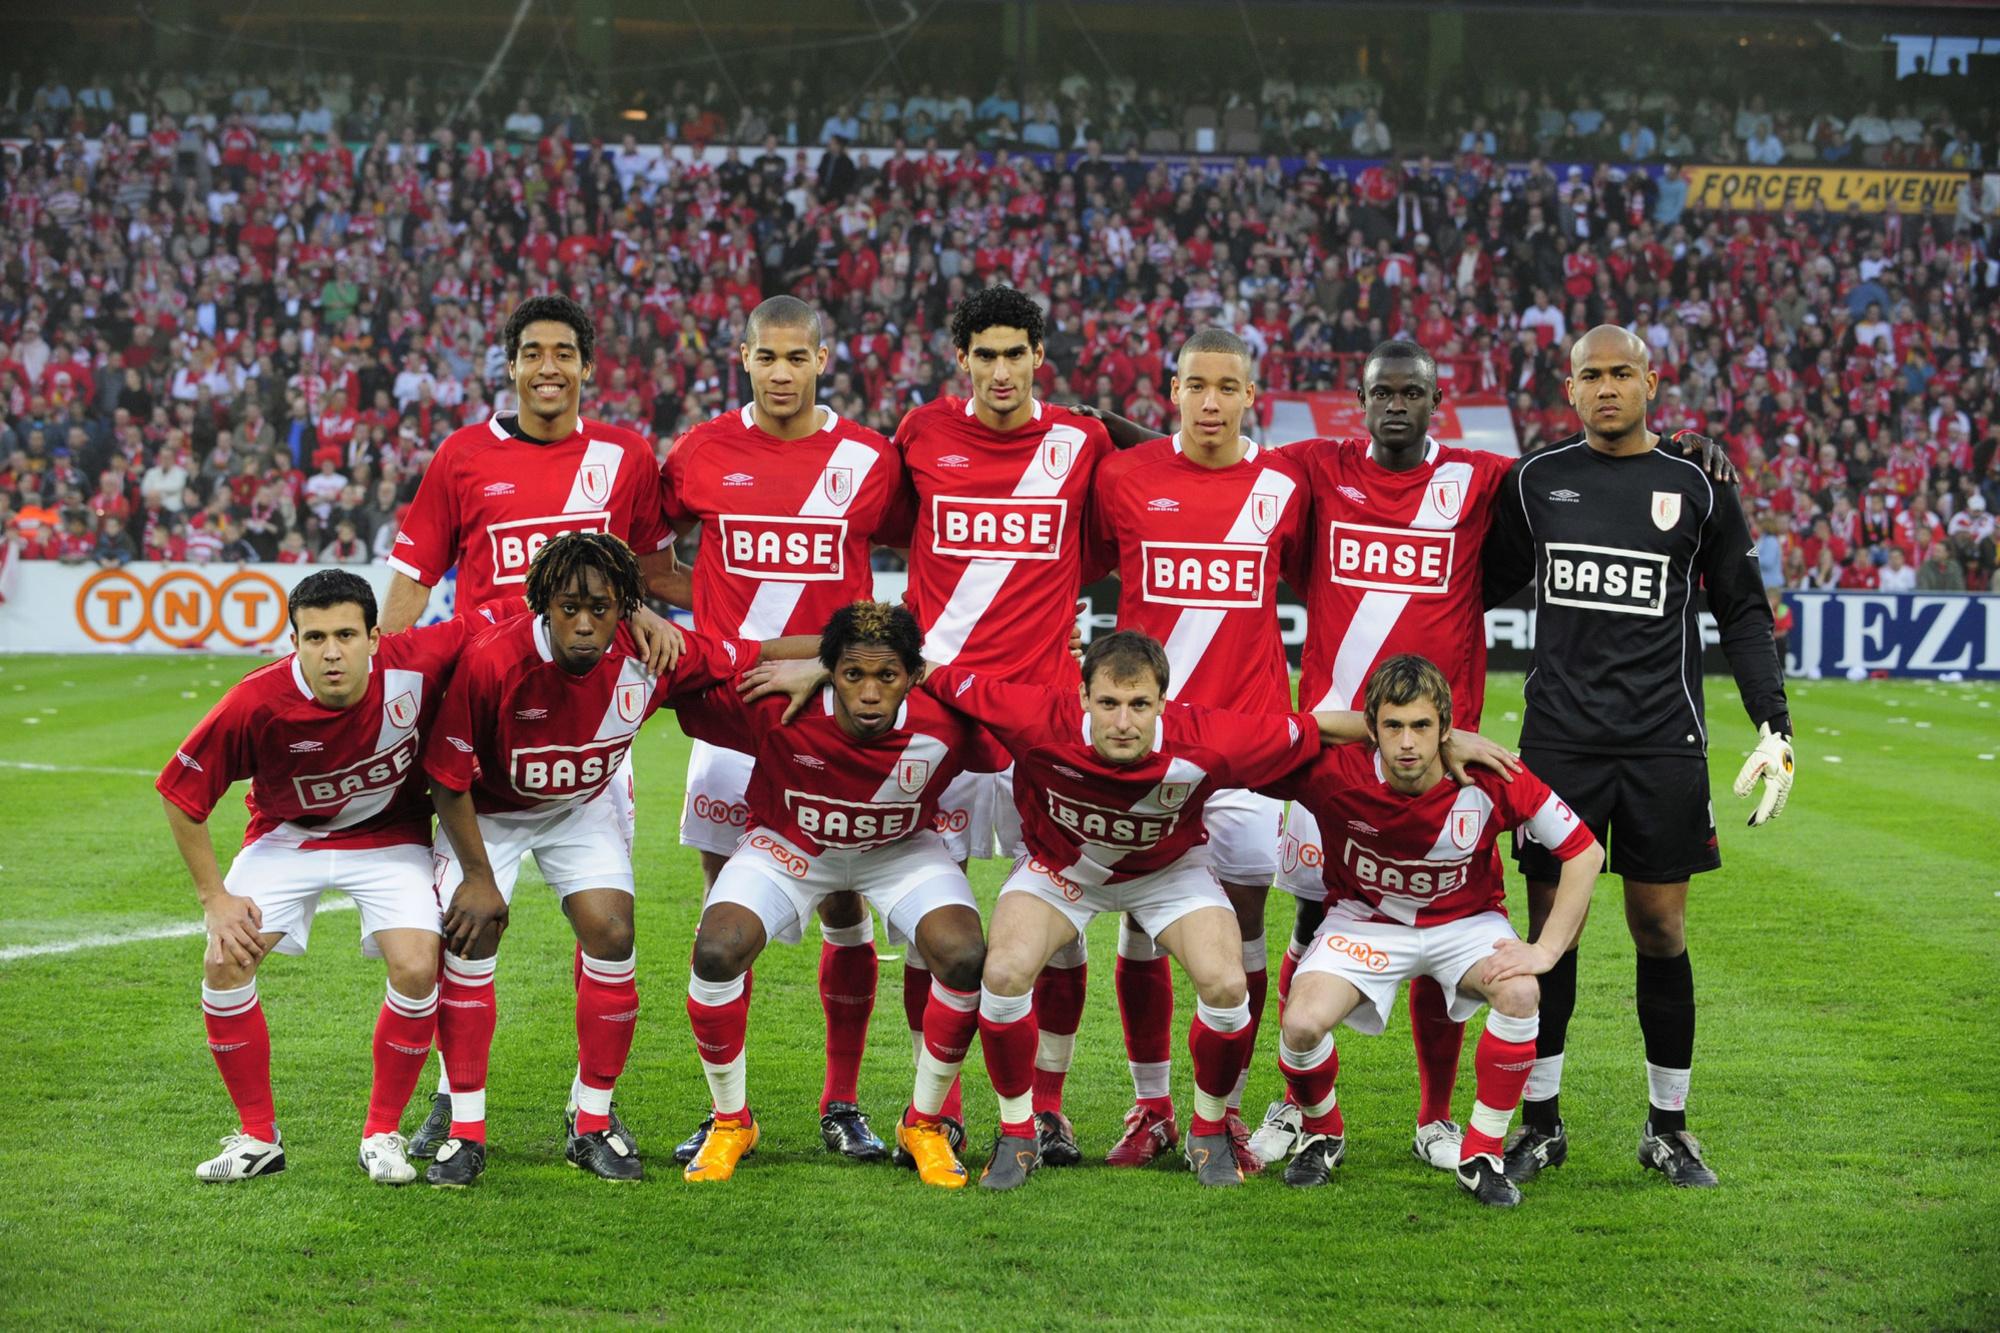 Le onze du base du Standard ce jour-là: -En haut (de gauche à droite): Dante, Onyewu, Fellaini, Witsel, Sarr, Espinoza. -En bas (de gauche à droite): Camozzato, Goreux, Mbokani, Jovanovic, Defour., belga